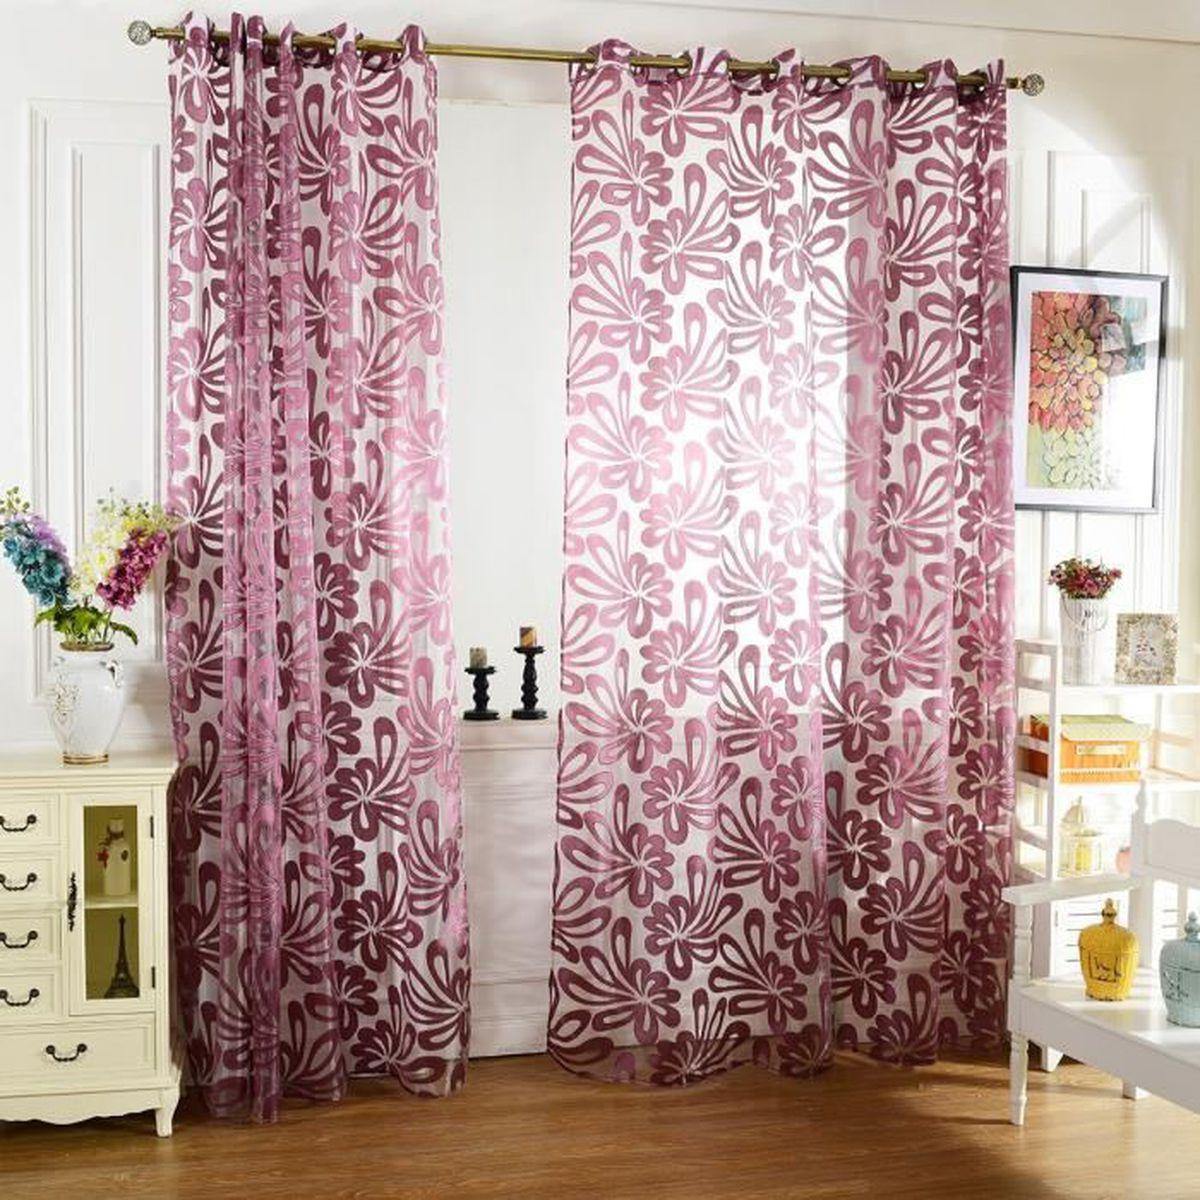 voilage 3d floral porte tulle voile fenêtre simple rideau ...